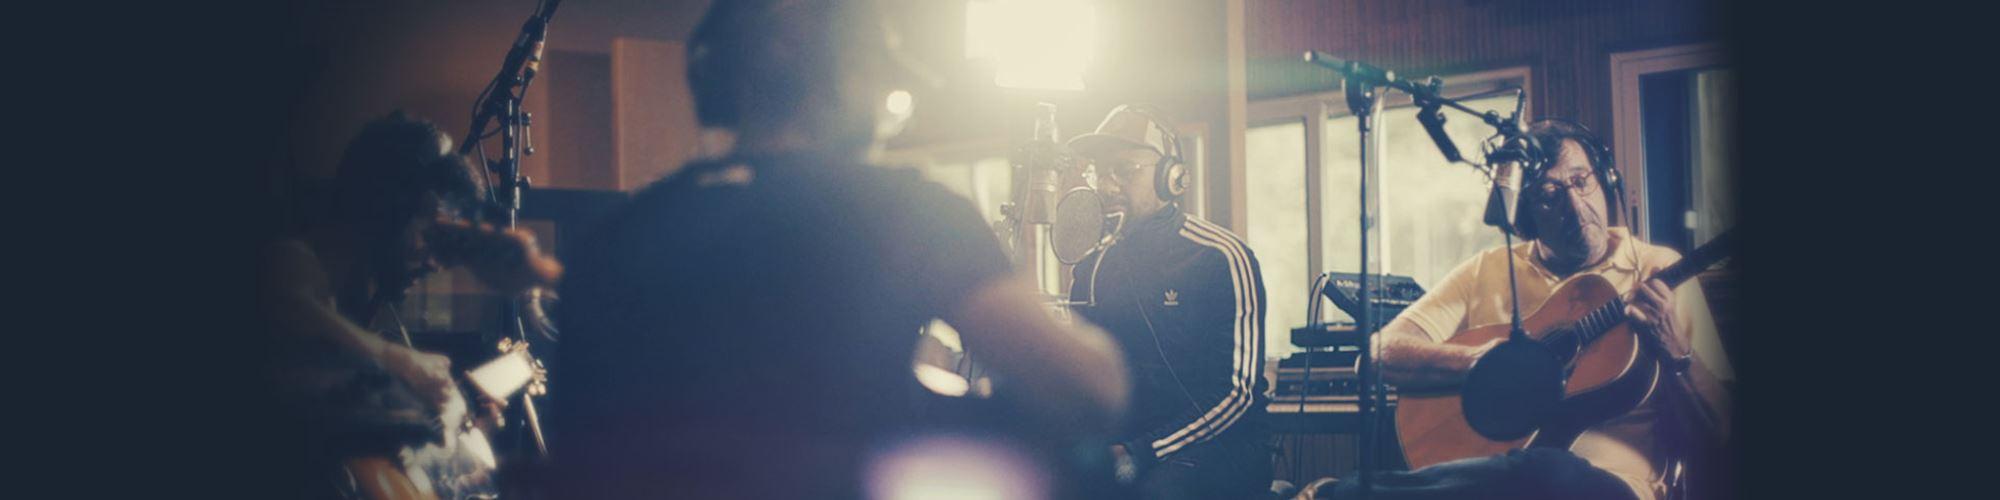 Os HMB concretizaram o sonho de gravar com Rui Veloso. Ouve aqui a música